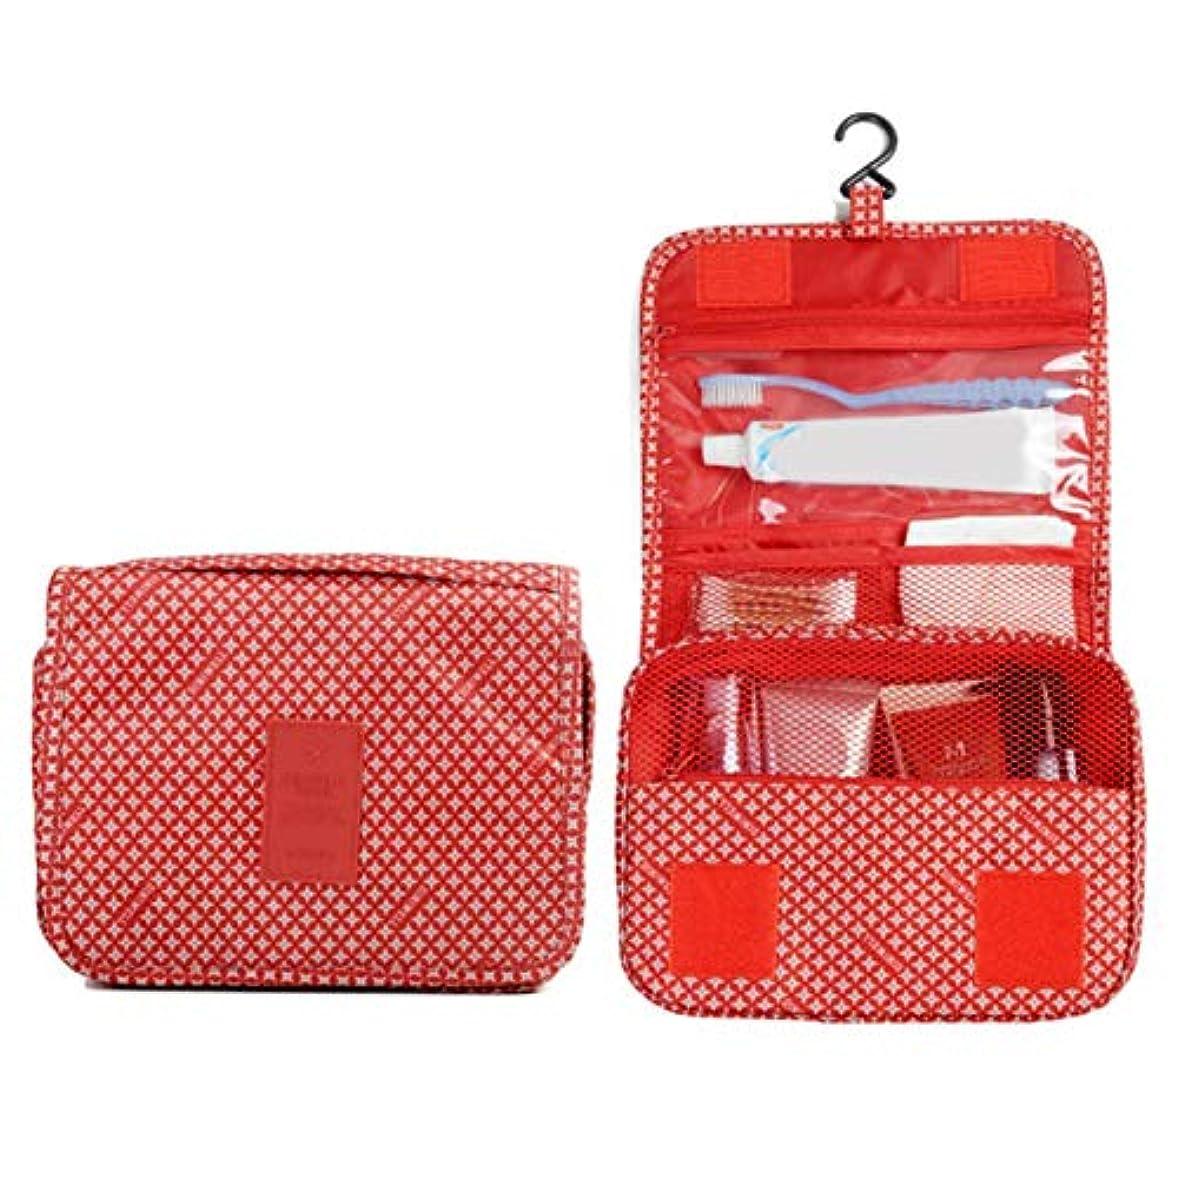 応用適用済みプランターYoshilimen 防水ベジタリアンメイクアップトートバッグ化粧品バッグ(None Picture Color)